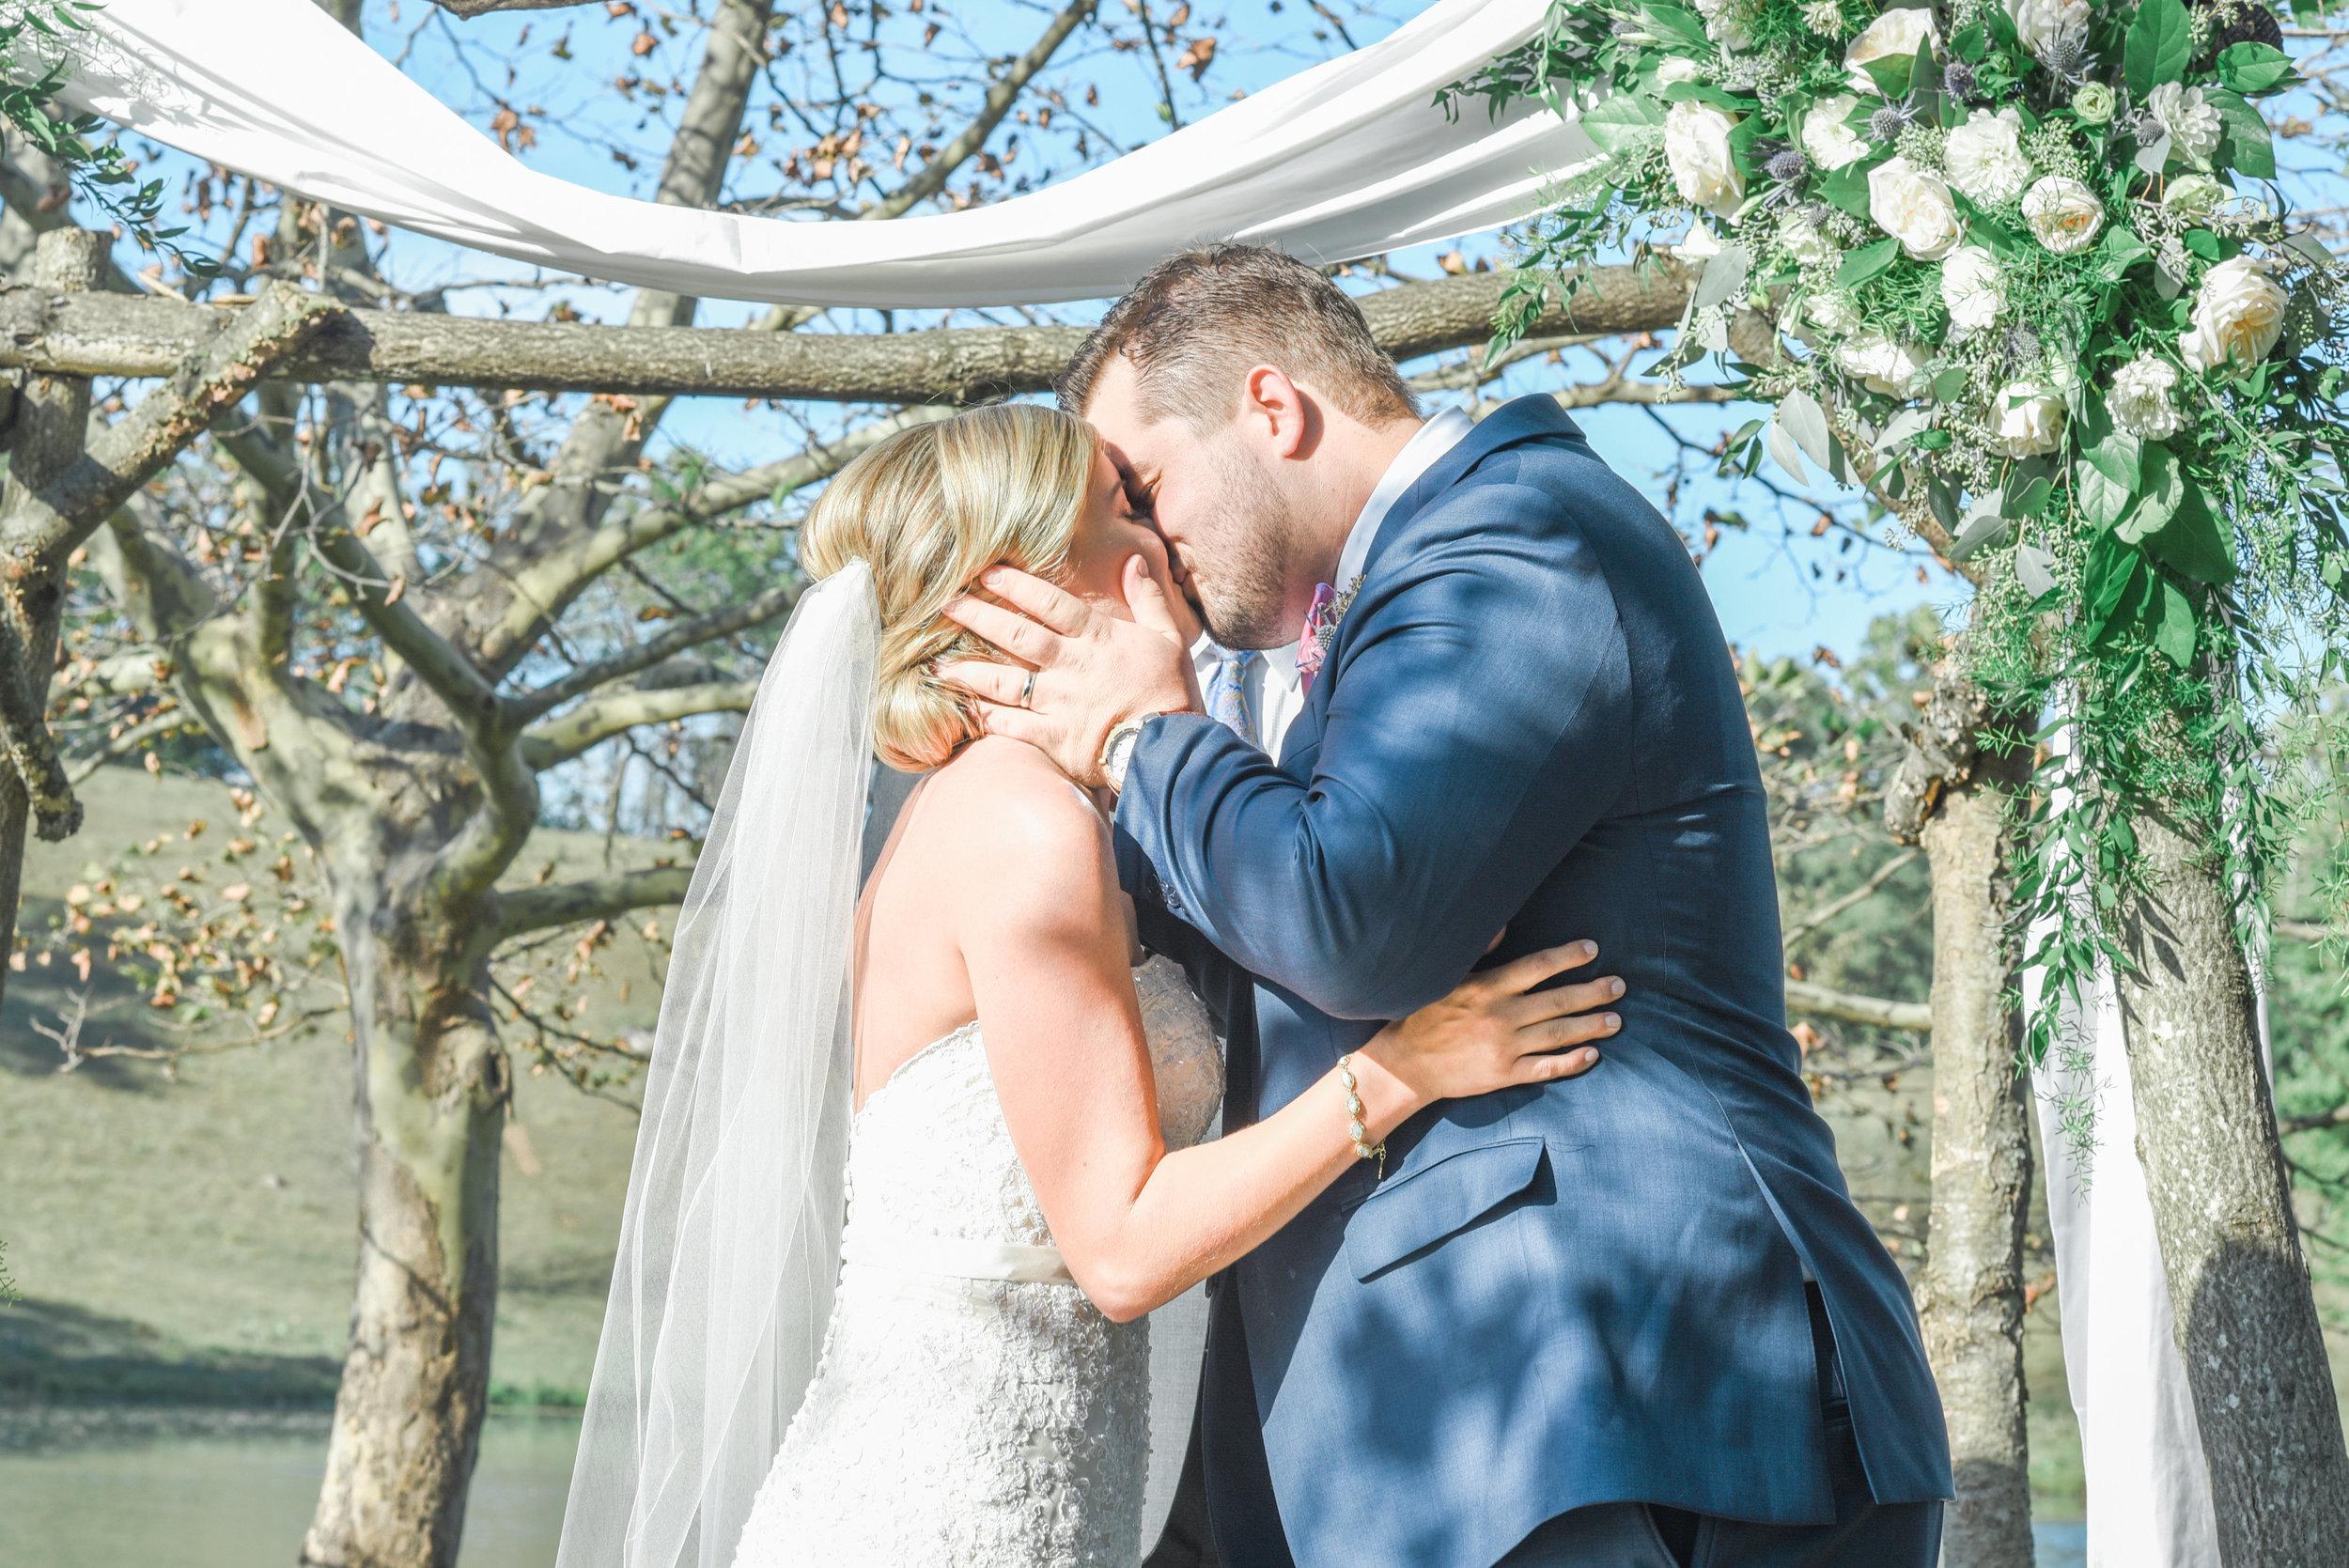 Jake Anna wedding day-ceremony-0062.jpg